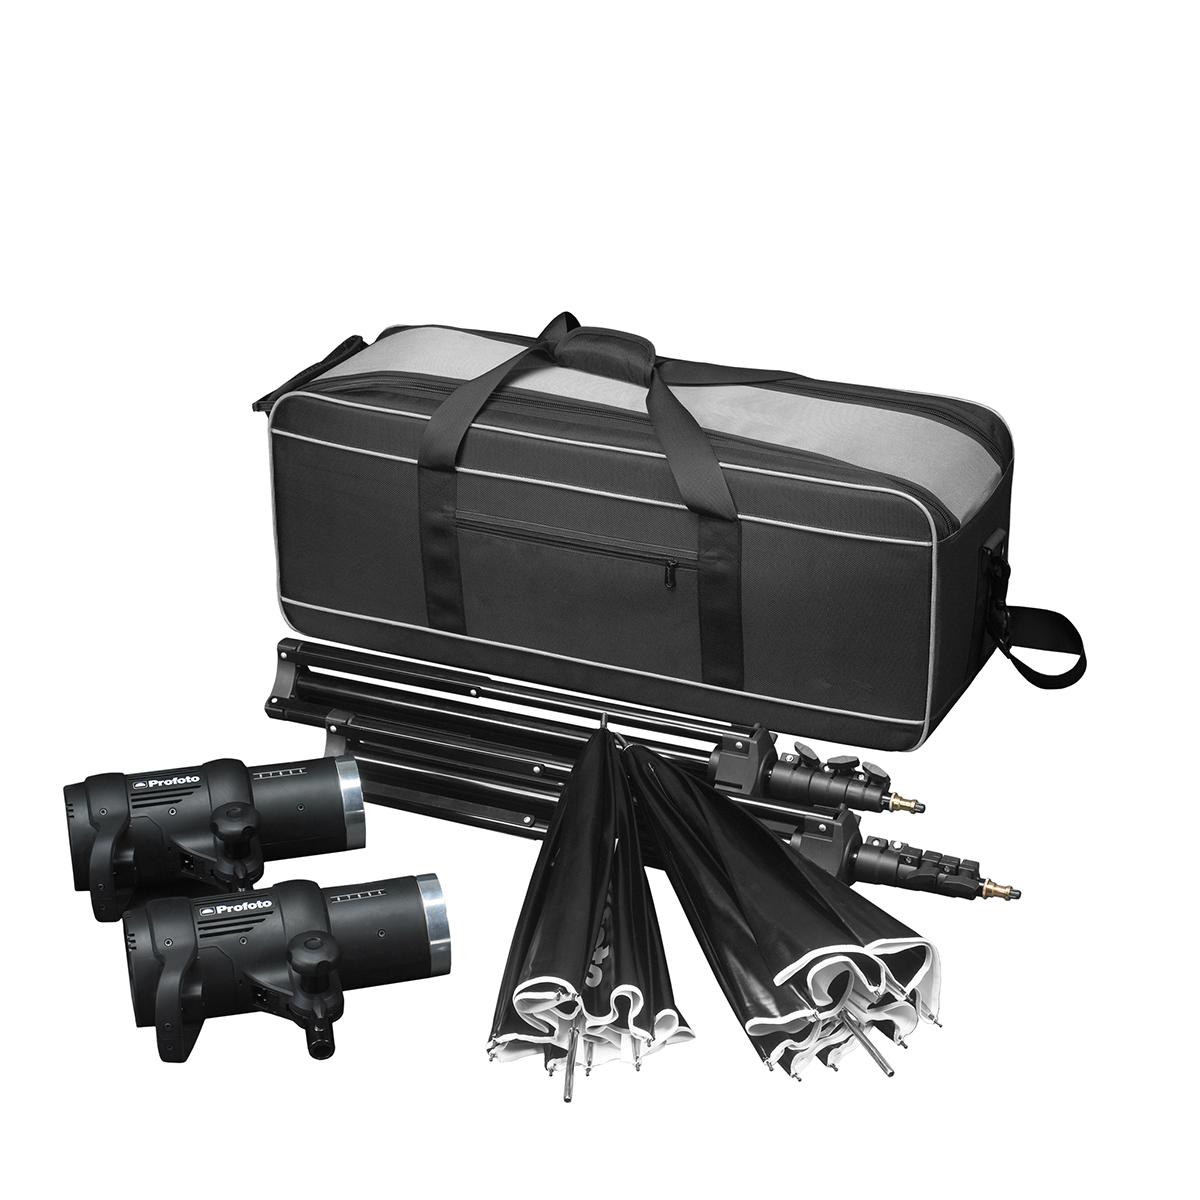 Immagine Kit Profoto 1000W D1